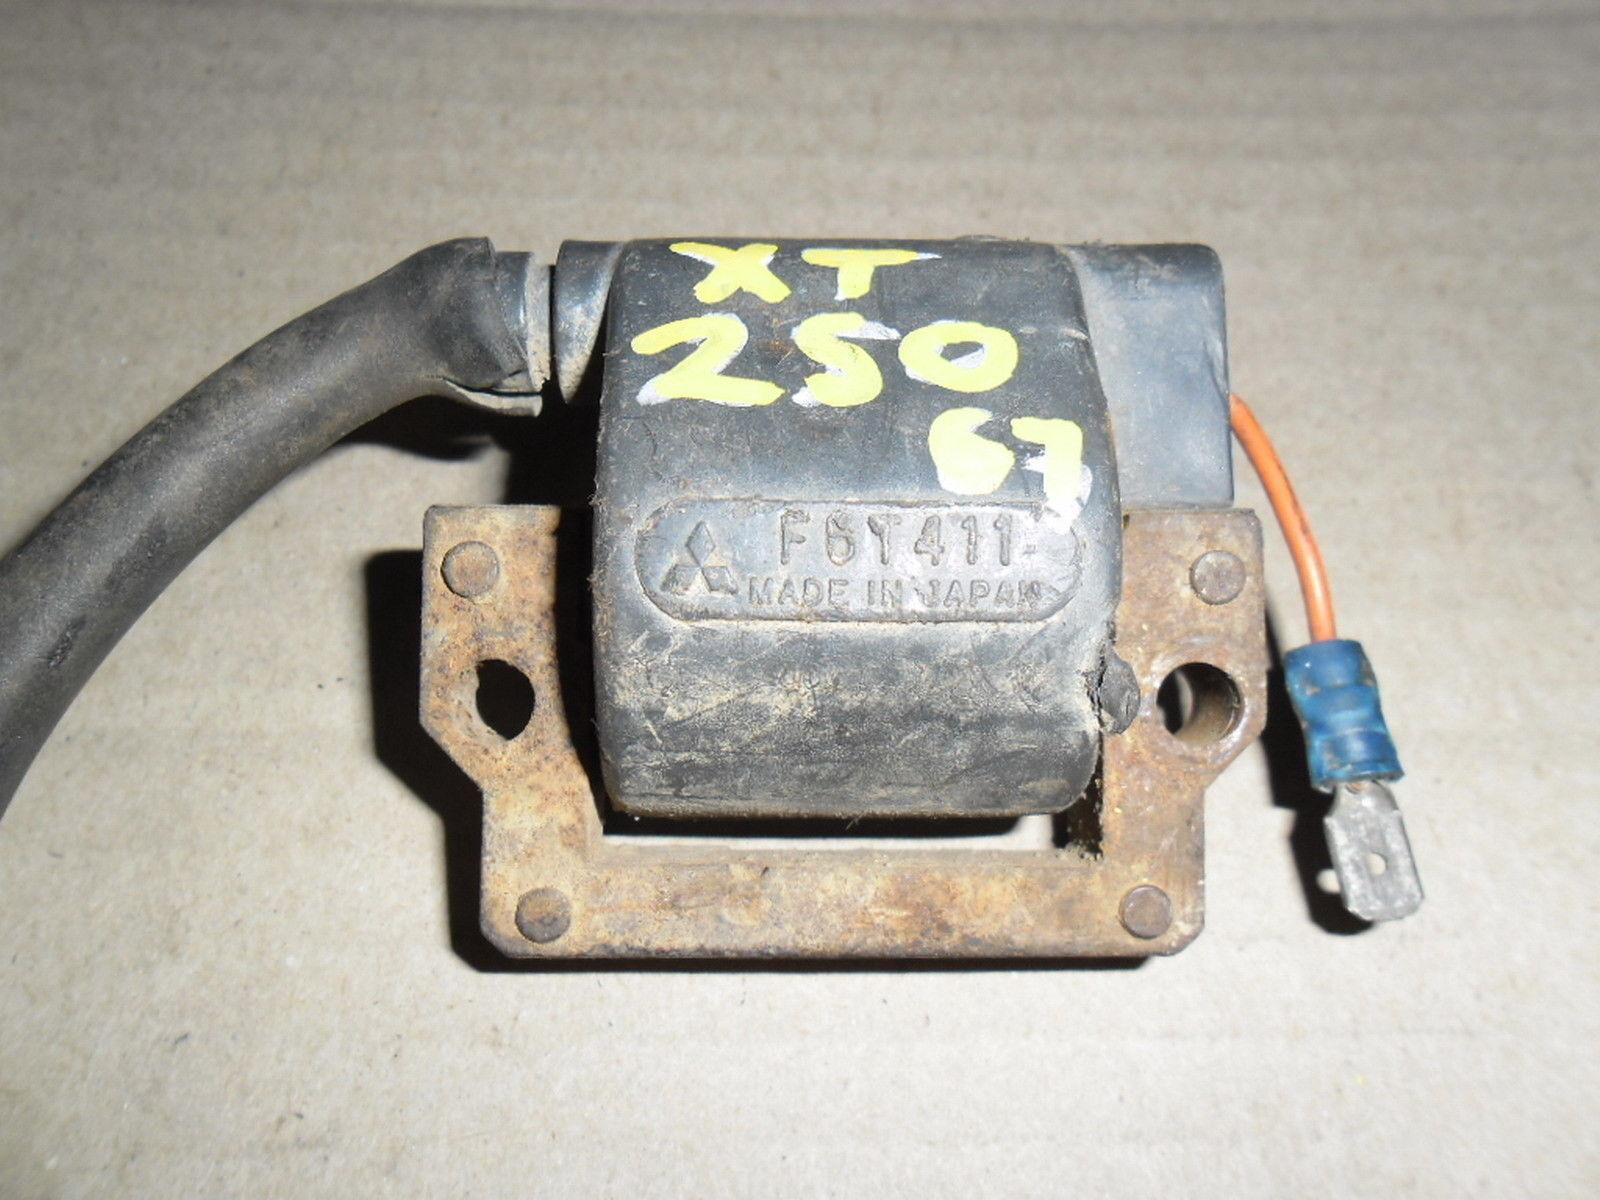 Lenkkopflager Yamaha XT 350 55V *NEU*